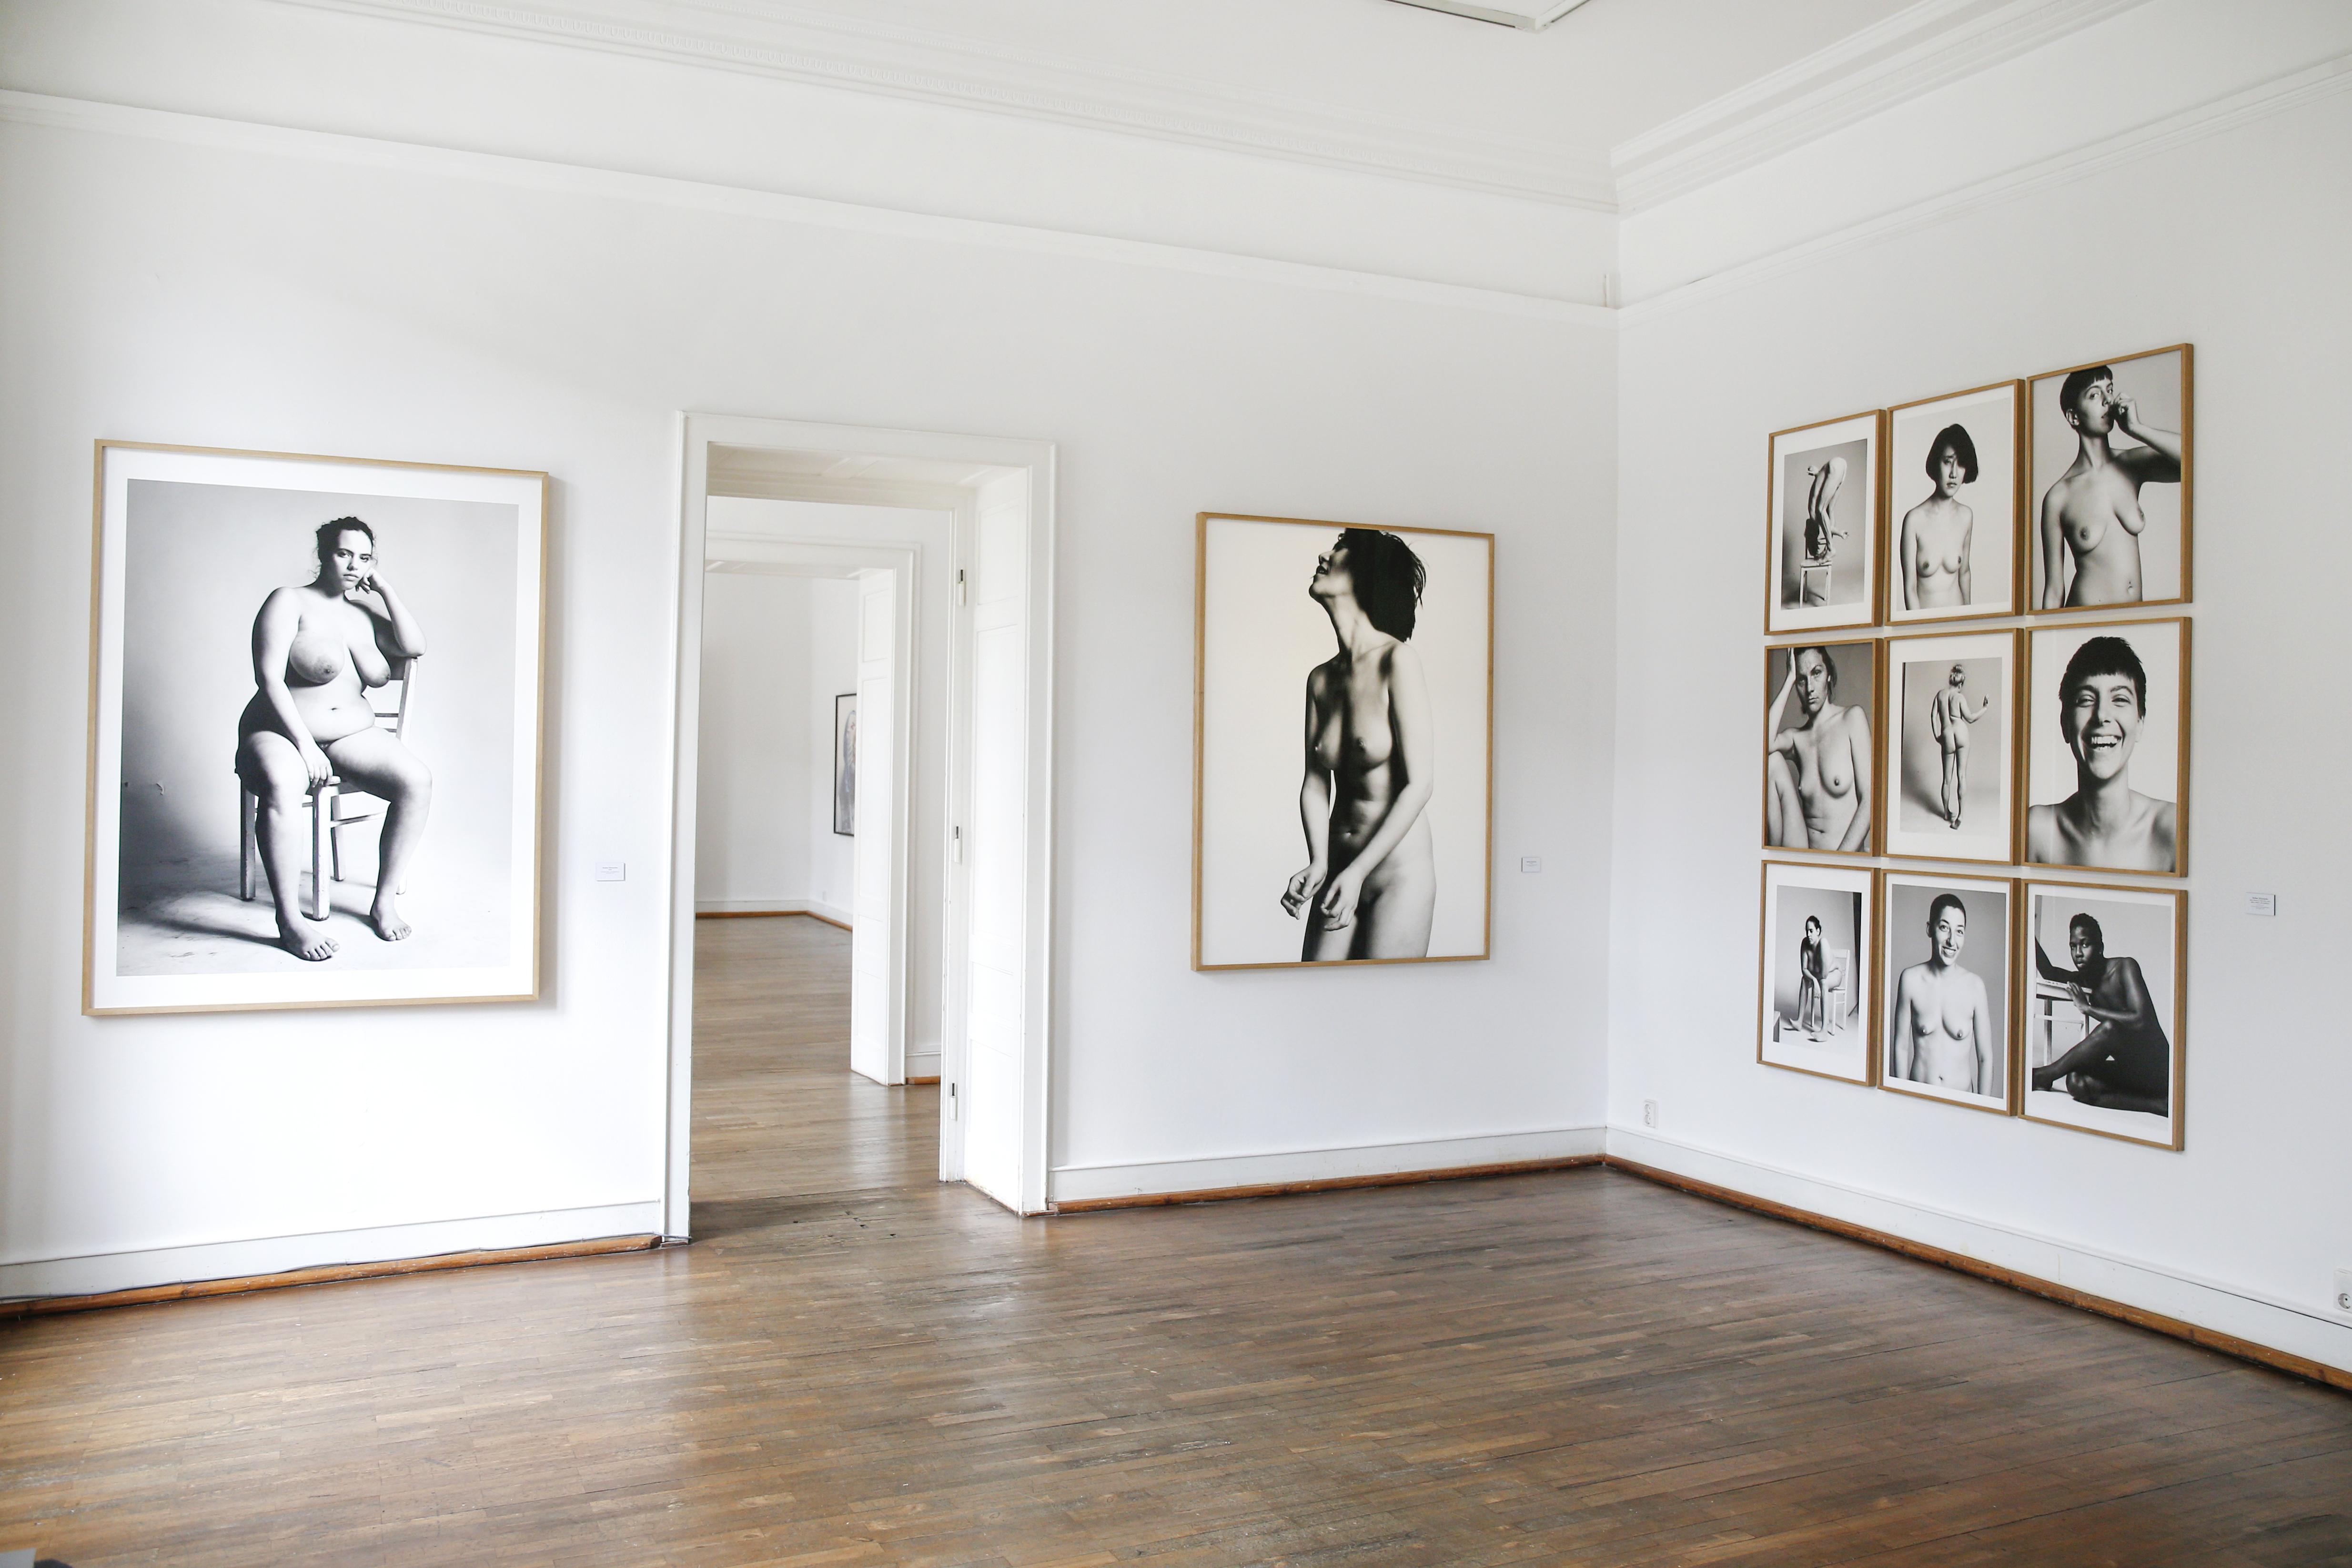 Stefan Heinrichs schwarz-weiss Akt-Fotografien ausgestellt im Berliner Fotografie Salon. ©Isa Foltin/Getty Images für den Berliner Fotografie Salon